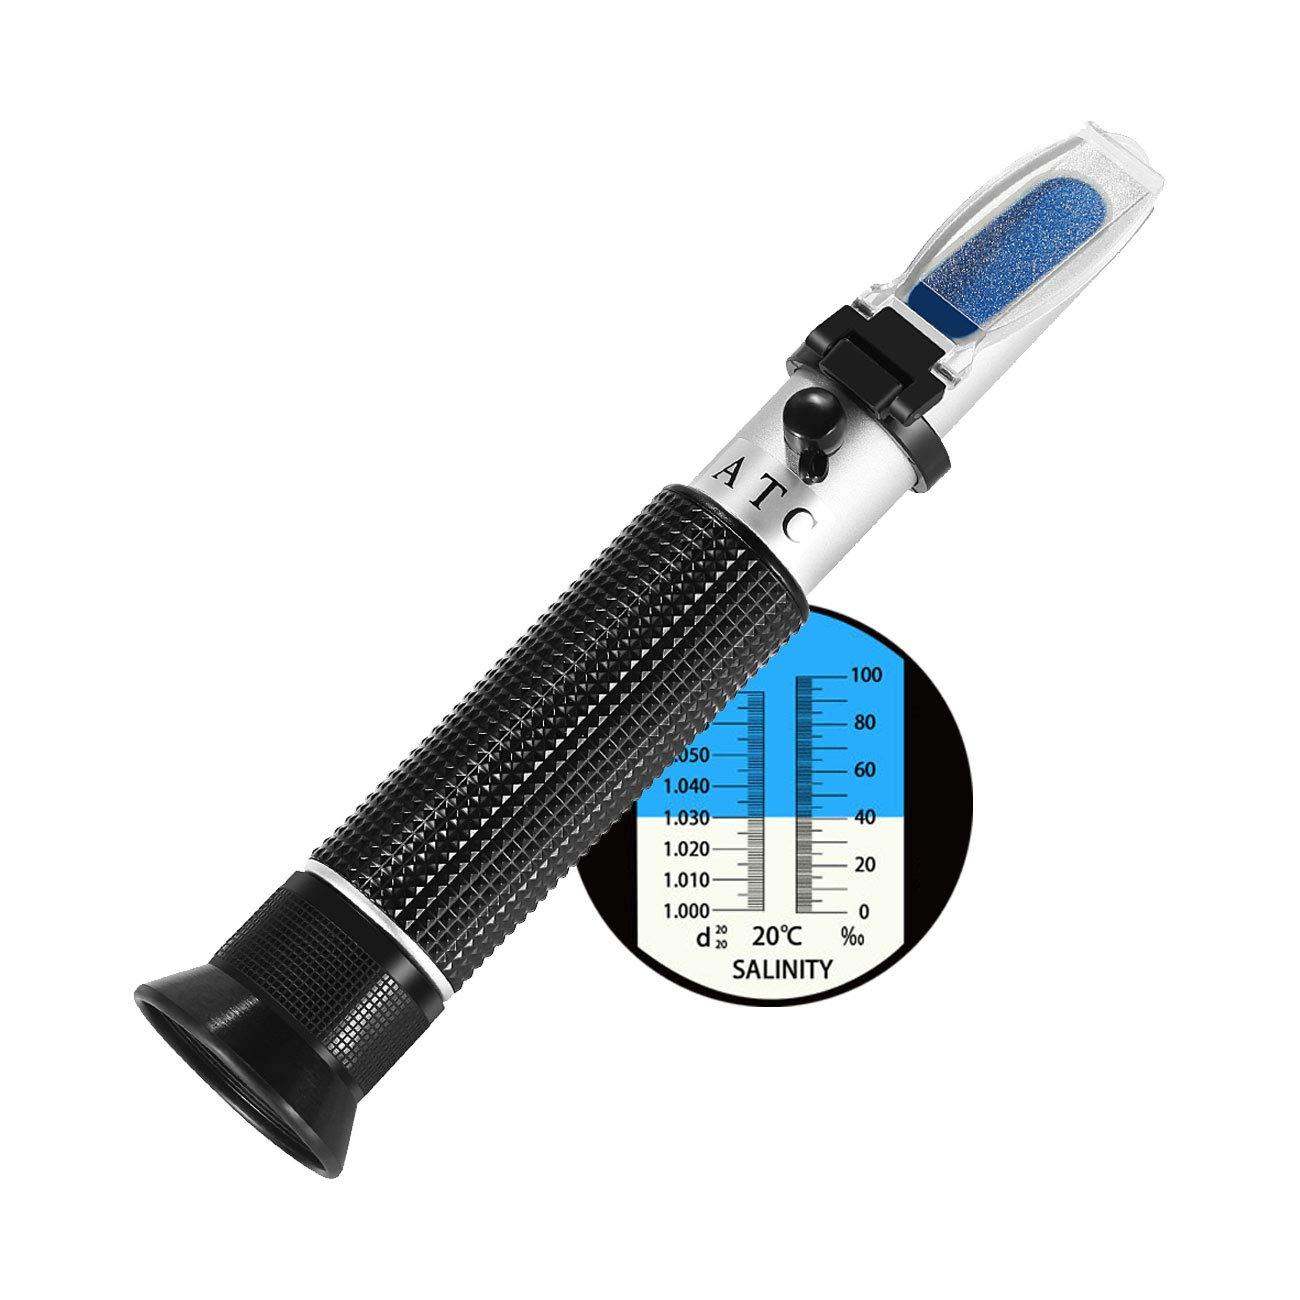 Refractómetro para acuario de agua salada de W-Unique, ATC, 0-100 ppt